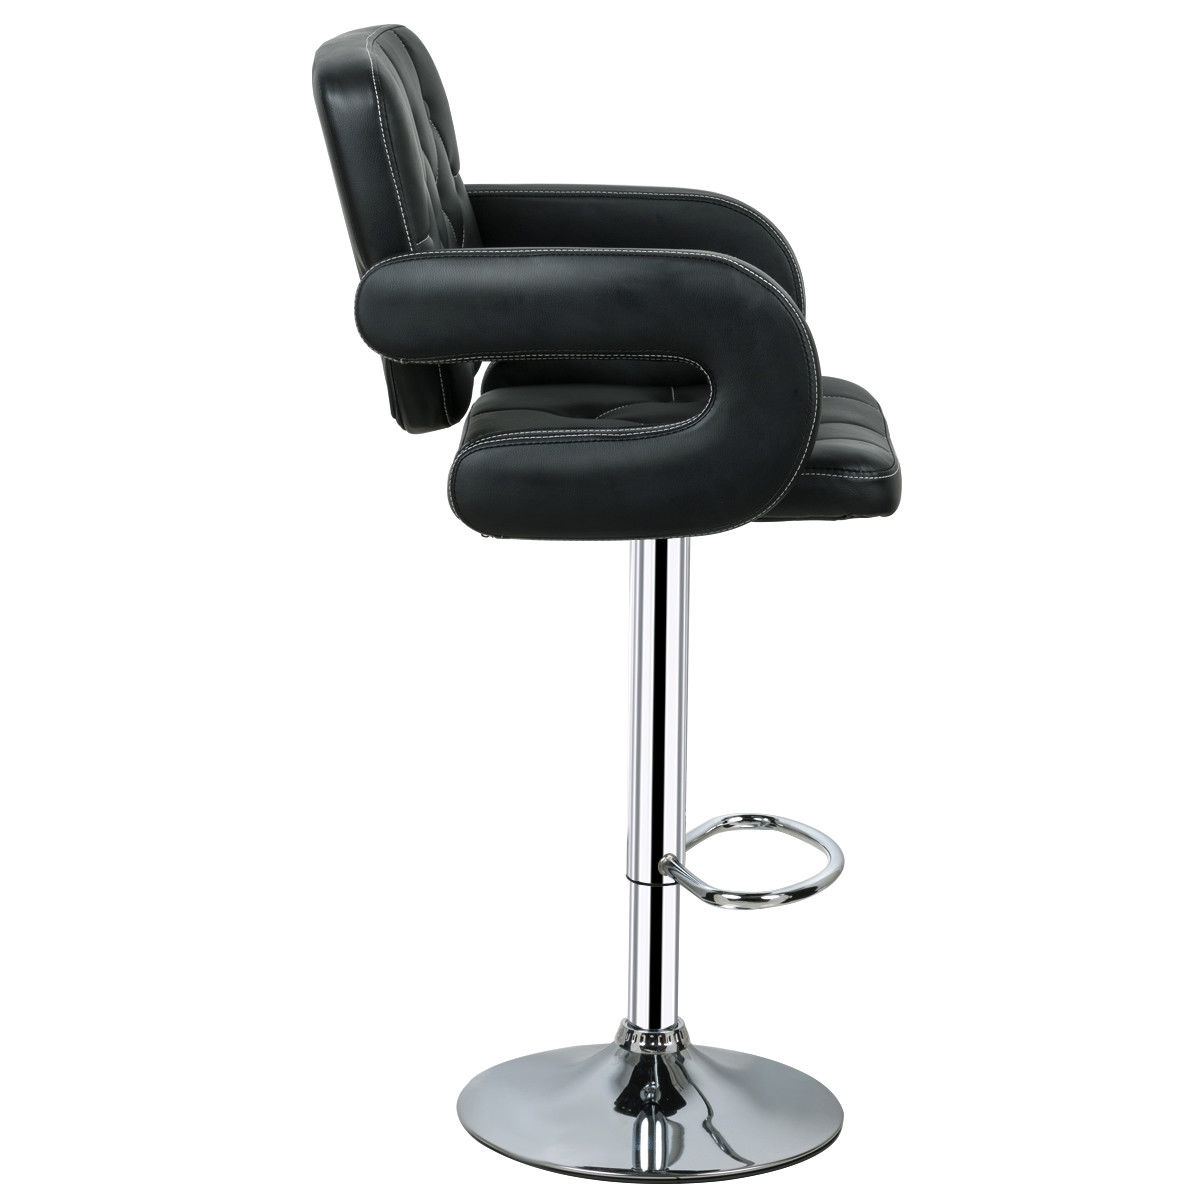 2-Set PU Leather Swivel Bar Stools Adjustable Pub Chair-Black